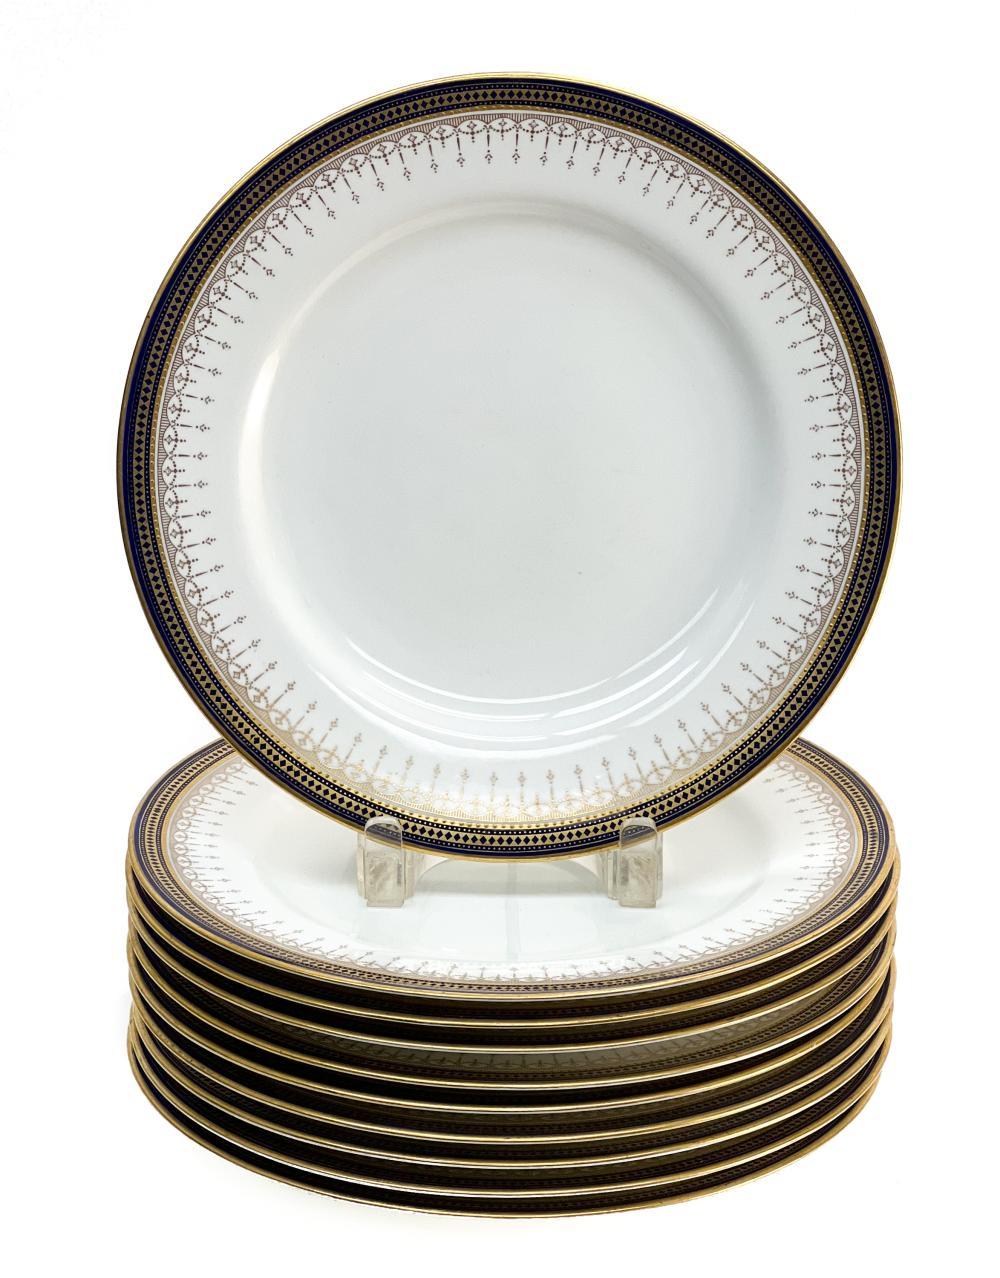 10 Copeland Spode England Porcelain Dinner Plates